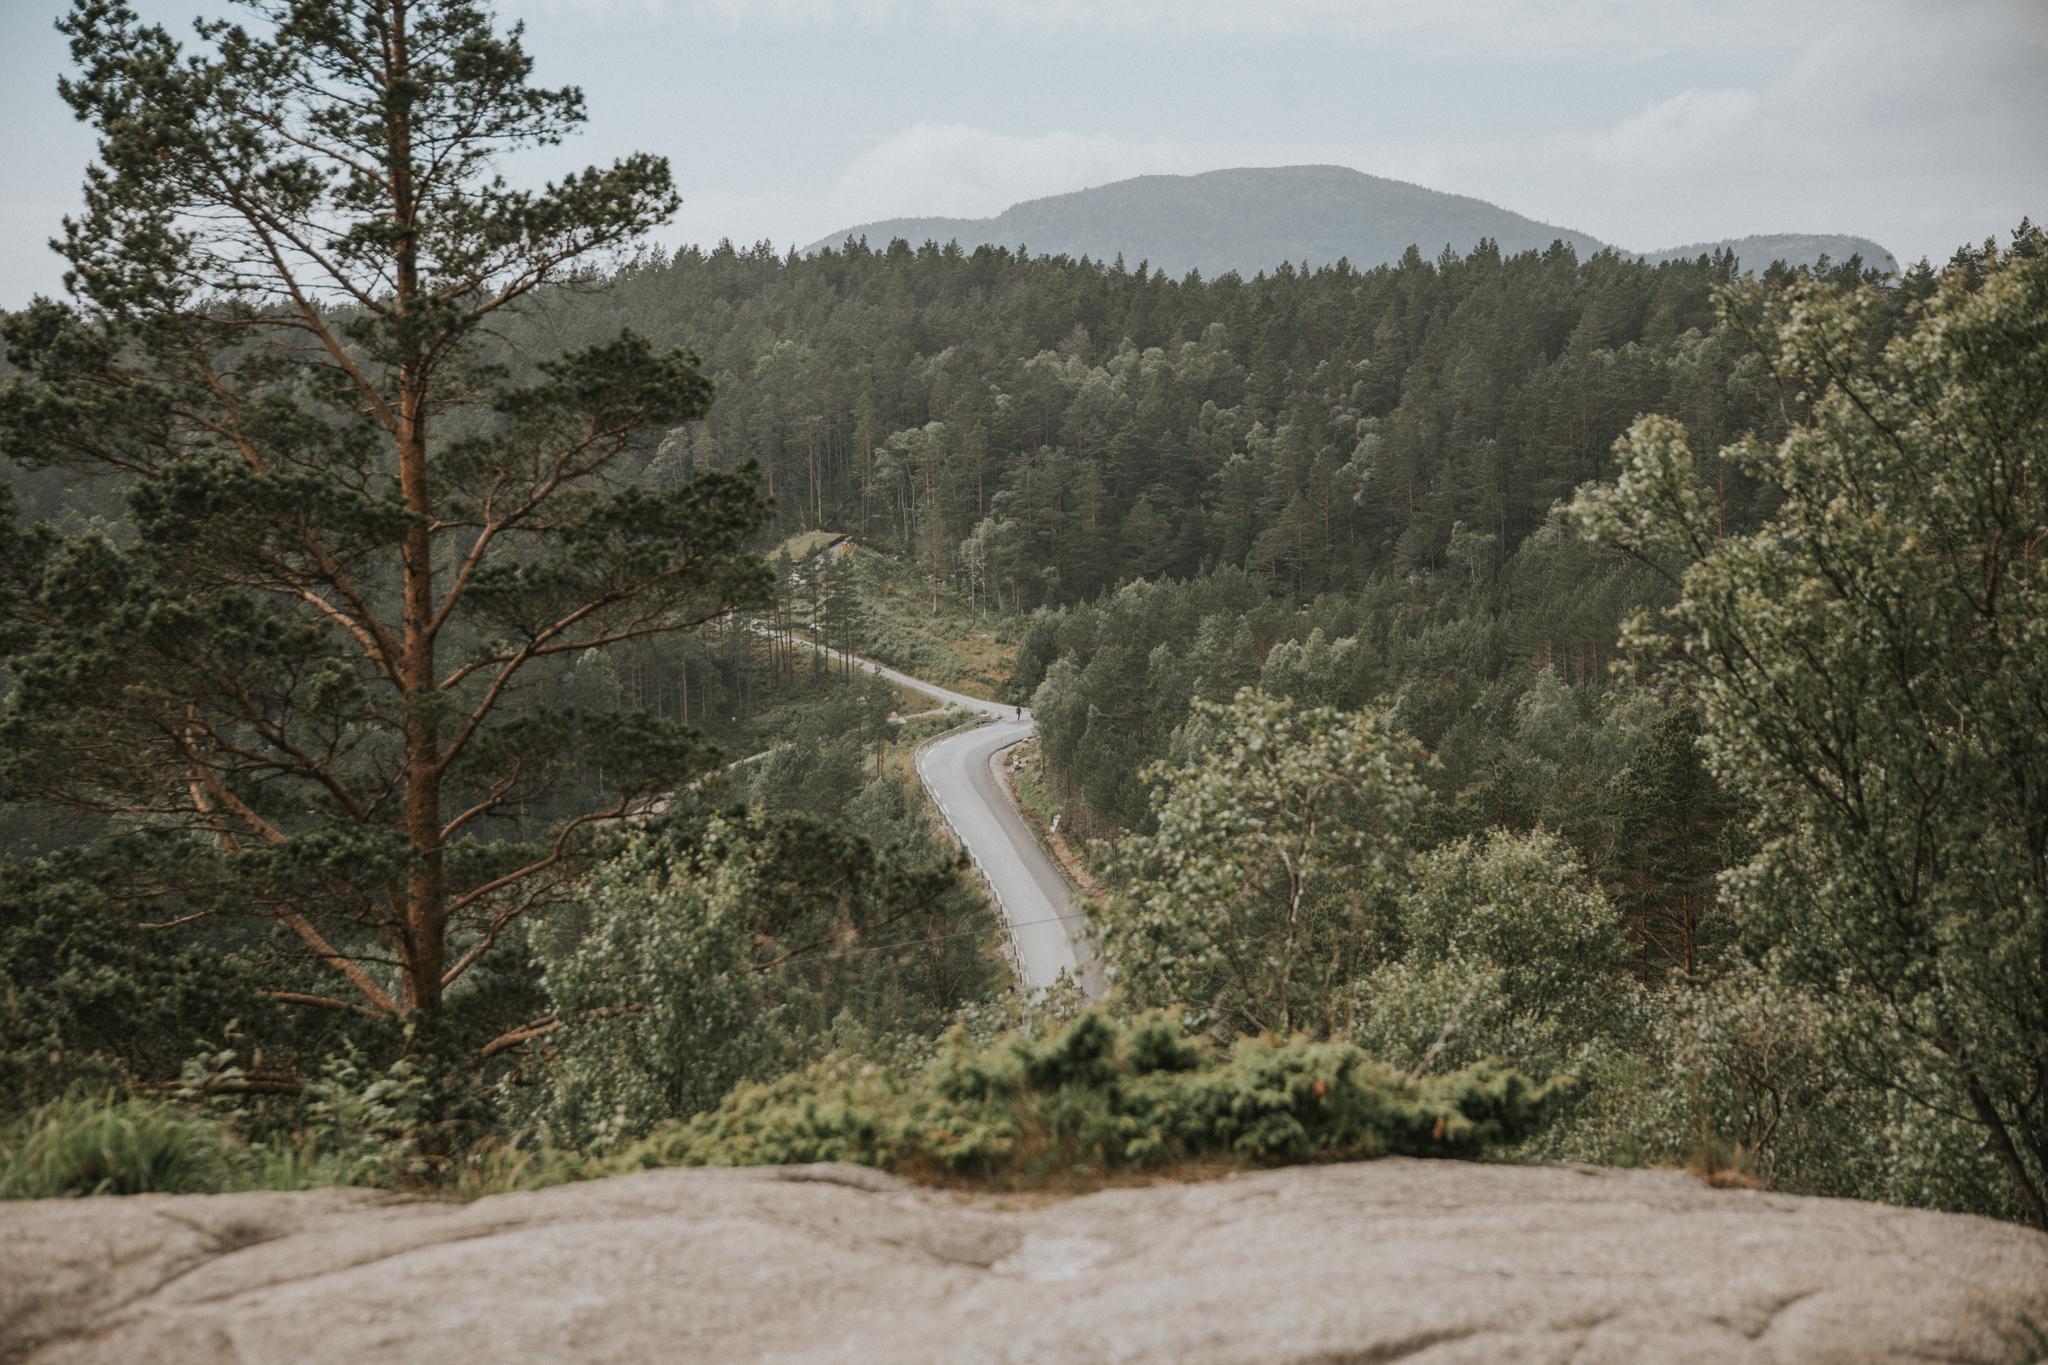 preikestolen-norwegia-trekking